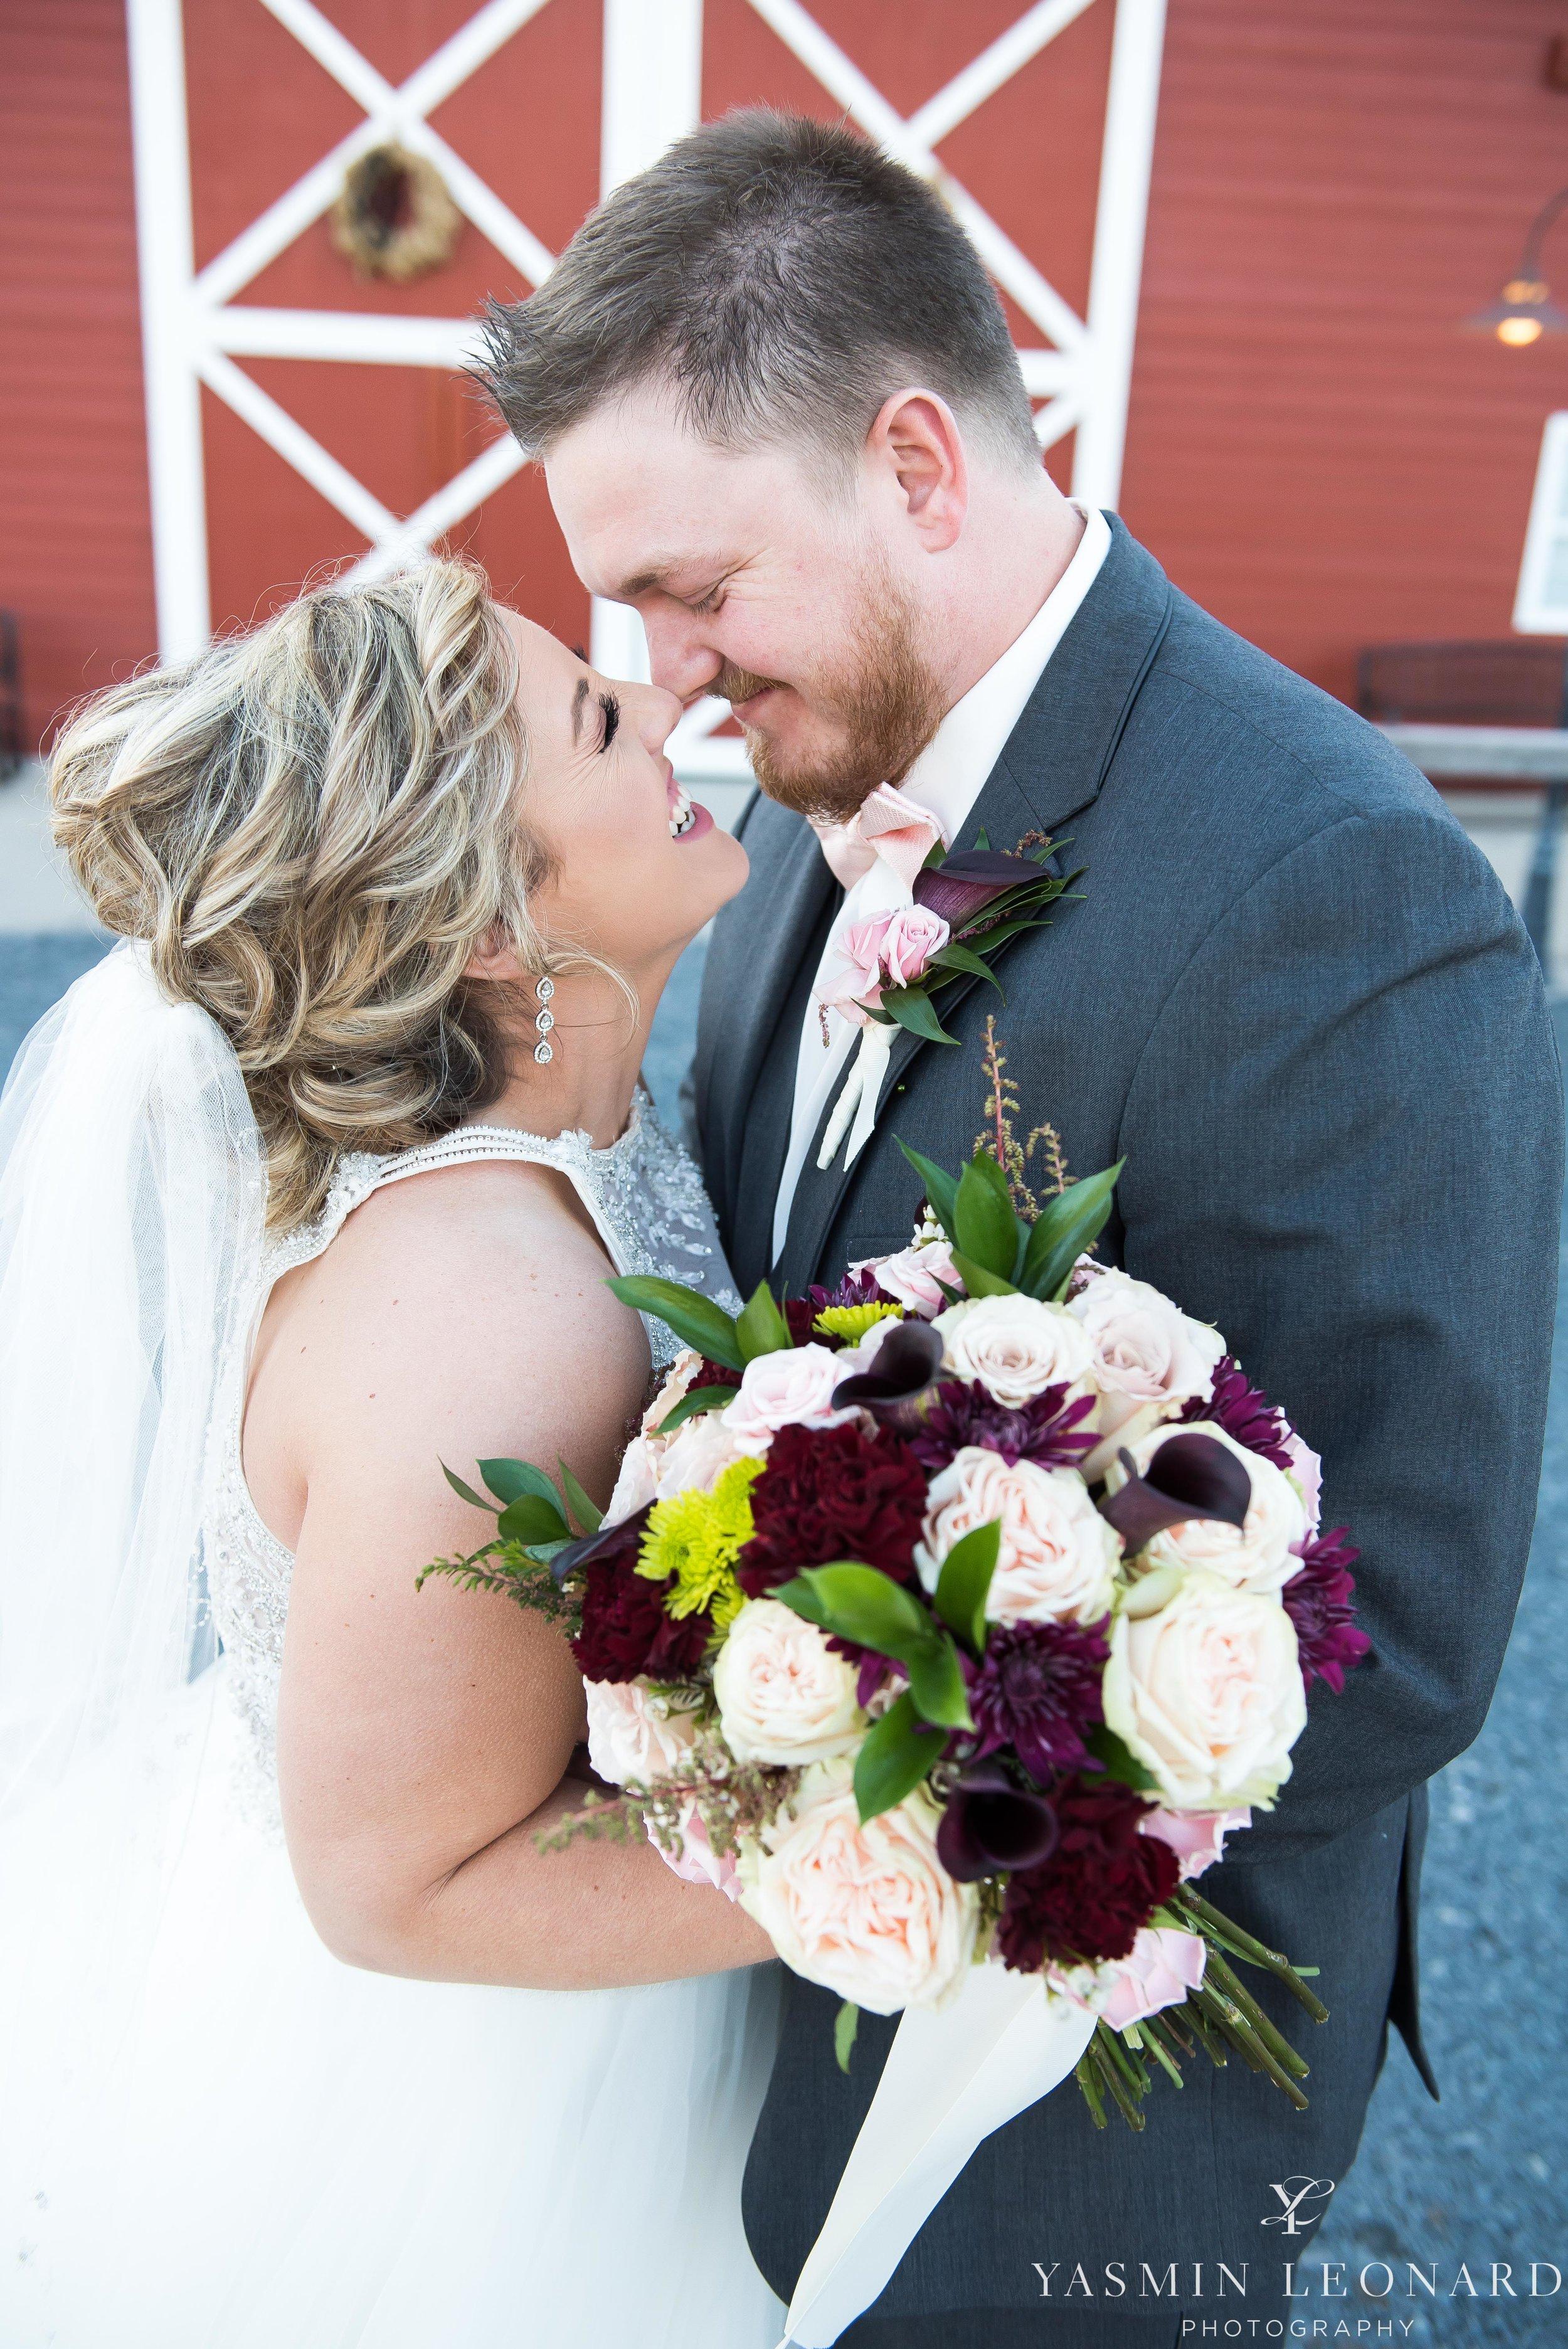 Millikan Farms - Millikan Farms Wedding - Sophia NC Wedding - NC Wedding - NC Wedding Photographer - Yasmin Leonard Photography - High Point Photographer - Barn Wedding - Wedding Venues in NC - Triad Wedding Photographer-53.jpg